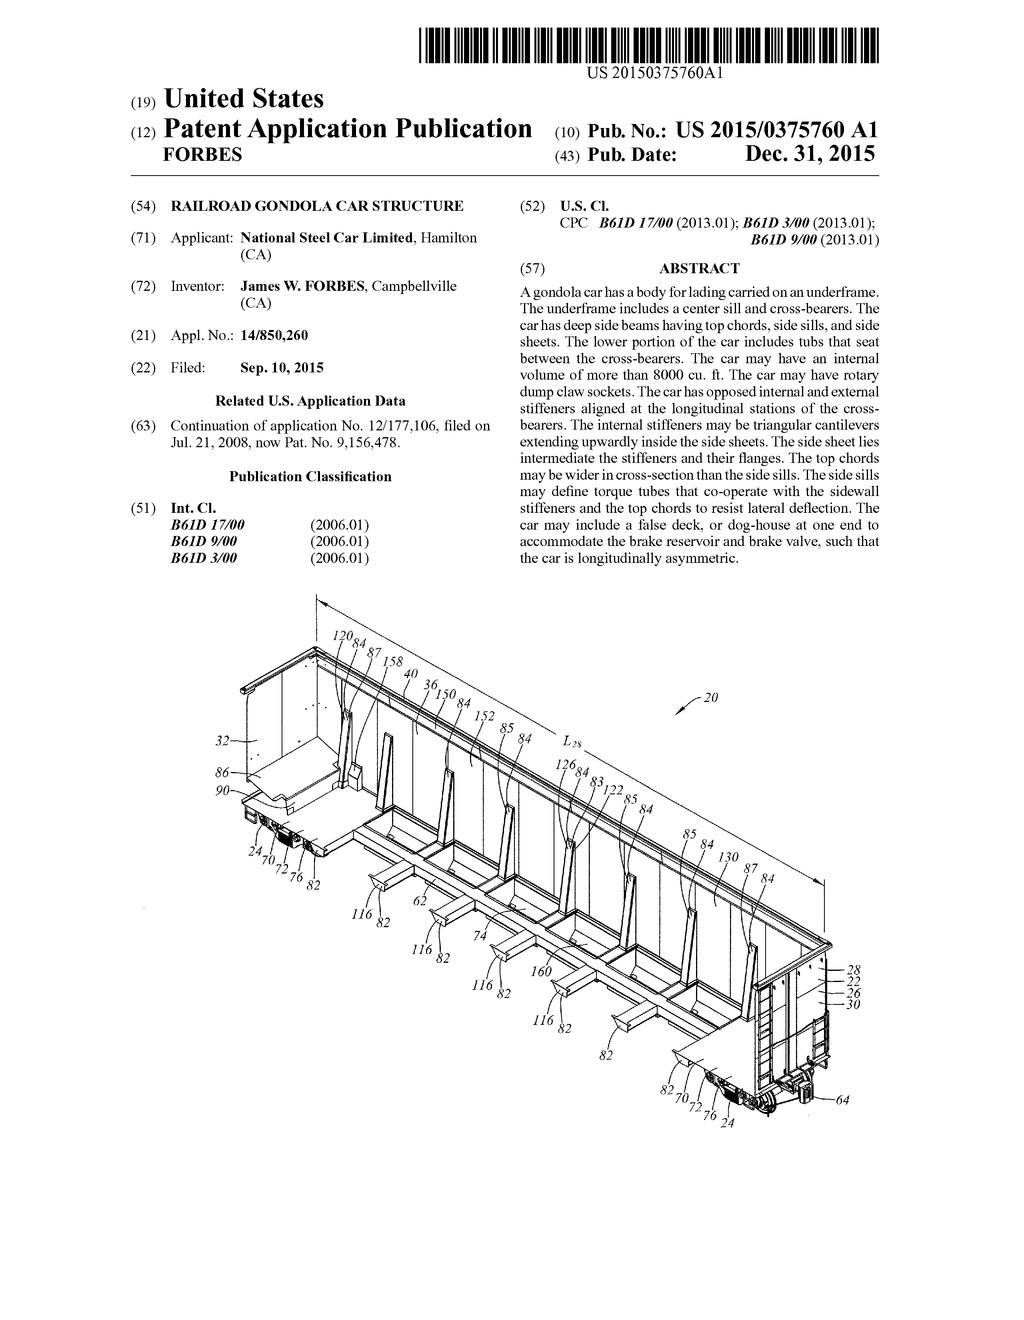 RAILROAD GONDOLA CAR STRUCTURE - diagram, schematic, and